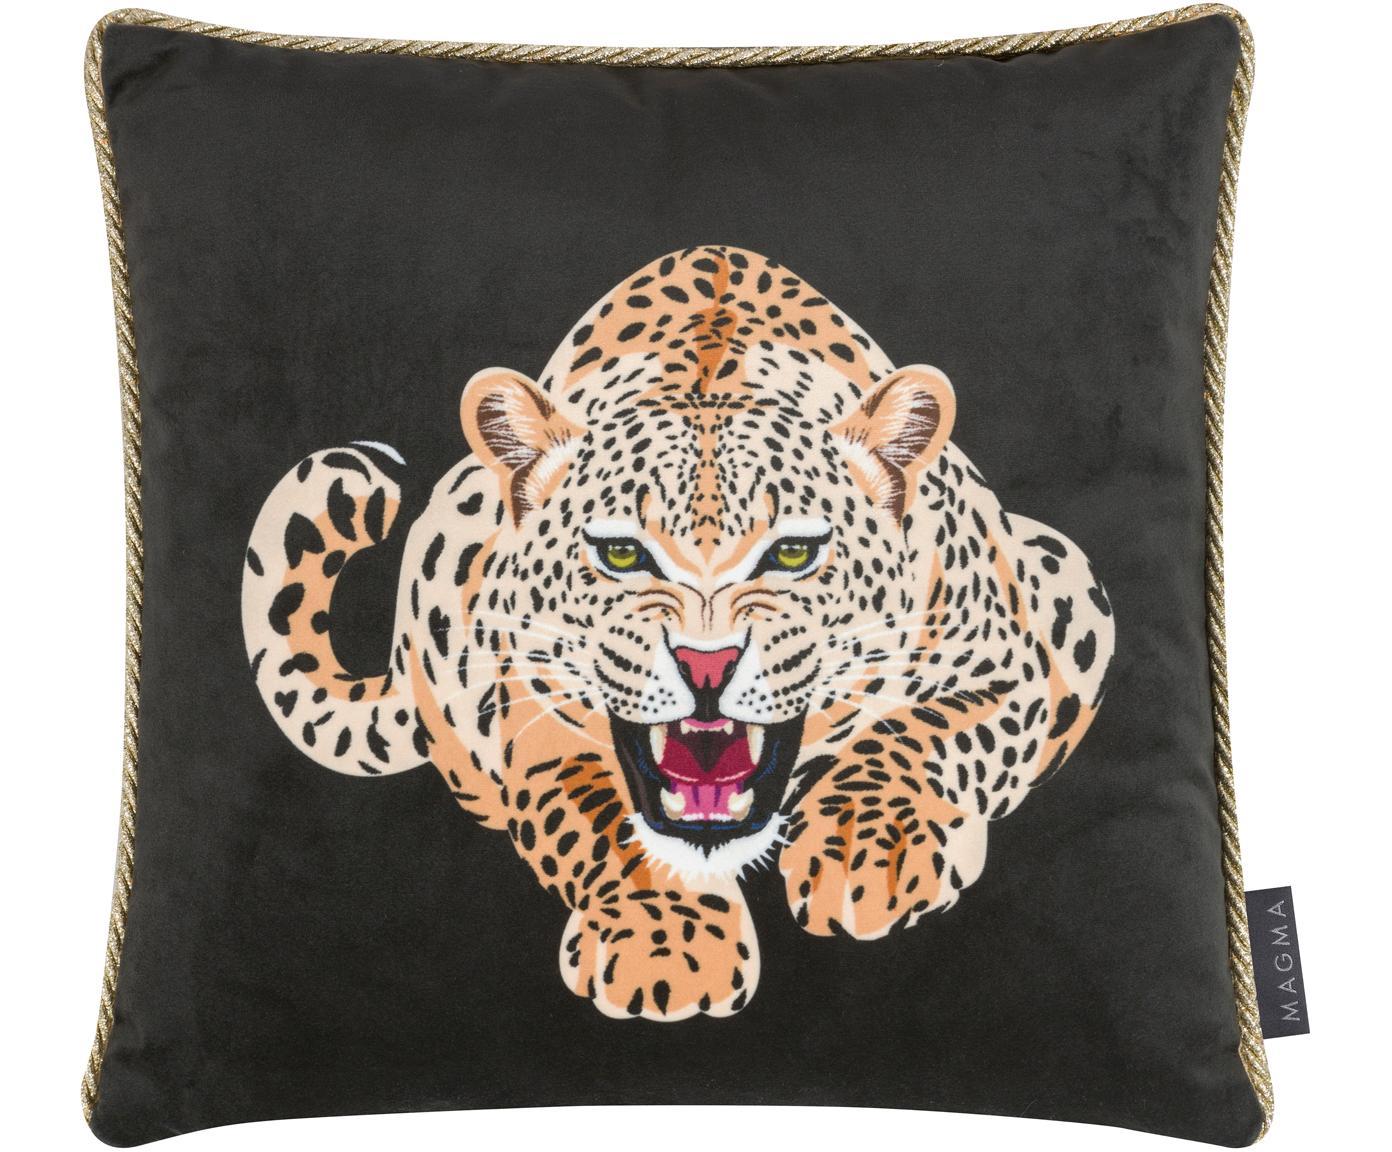 Dubbelzijdige fluwelen kussenhoes Deluxe Leo, Bedrukt polyester fluweel, Zwart, bruin, wit, goudkleurig, 40 x 40 cm